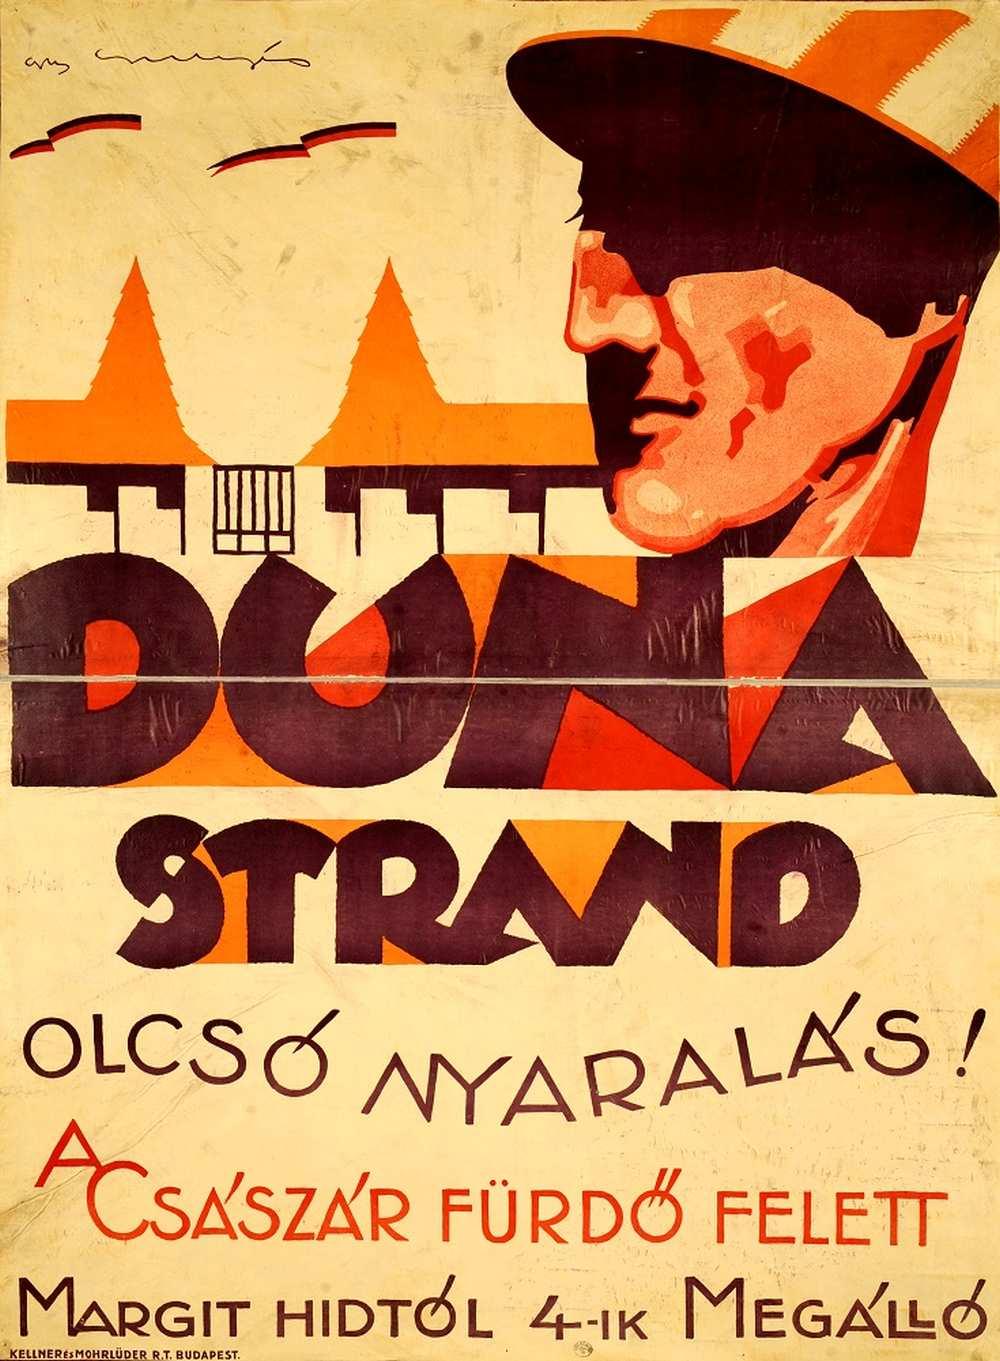 Padányi-Gulyás Jenő: Duna strand olcsó nyaralás! (1927). Jelzet: PKG.én/333 – Térkép-, Plakát- és Kisnyomtatványtár http://nektar.oszk.hu/hu/manifestation/2770079